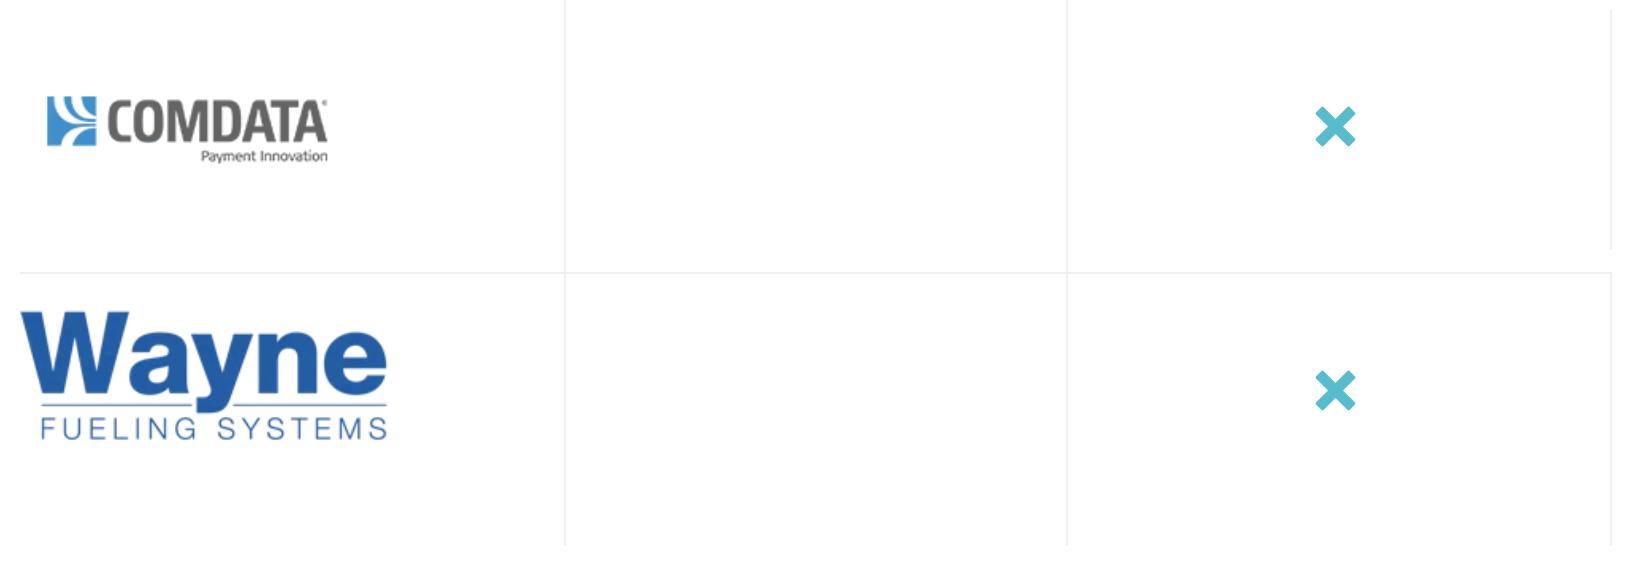 Screen Shot 2018-01-17 at 4.28.29 PM.png